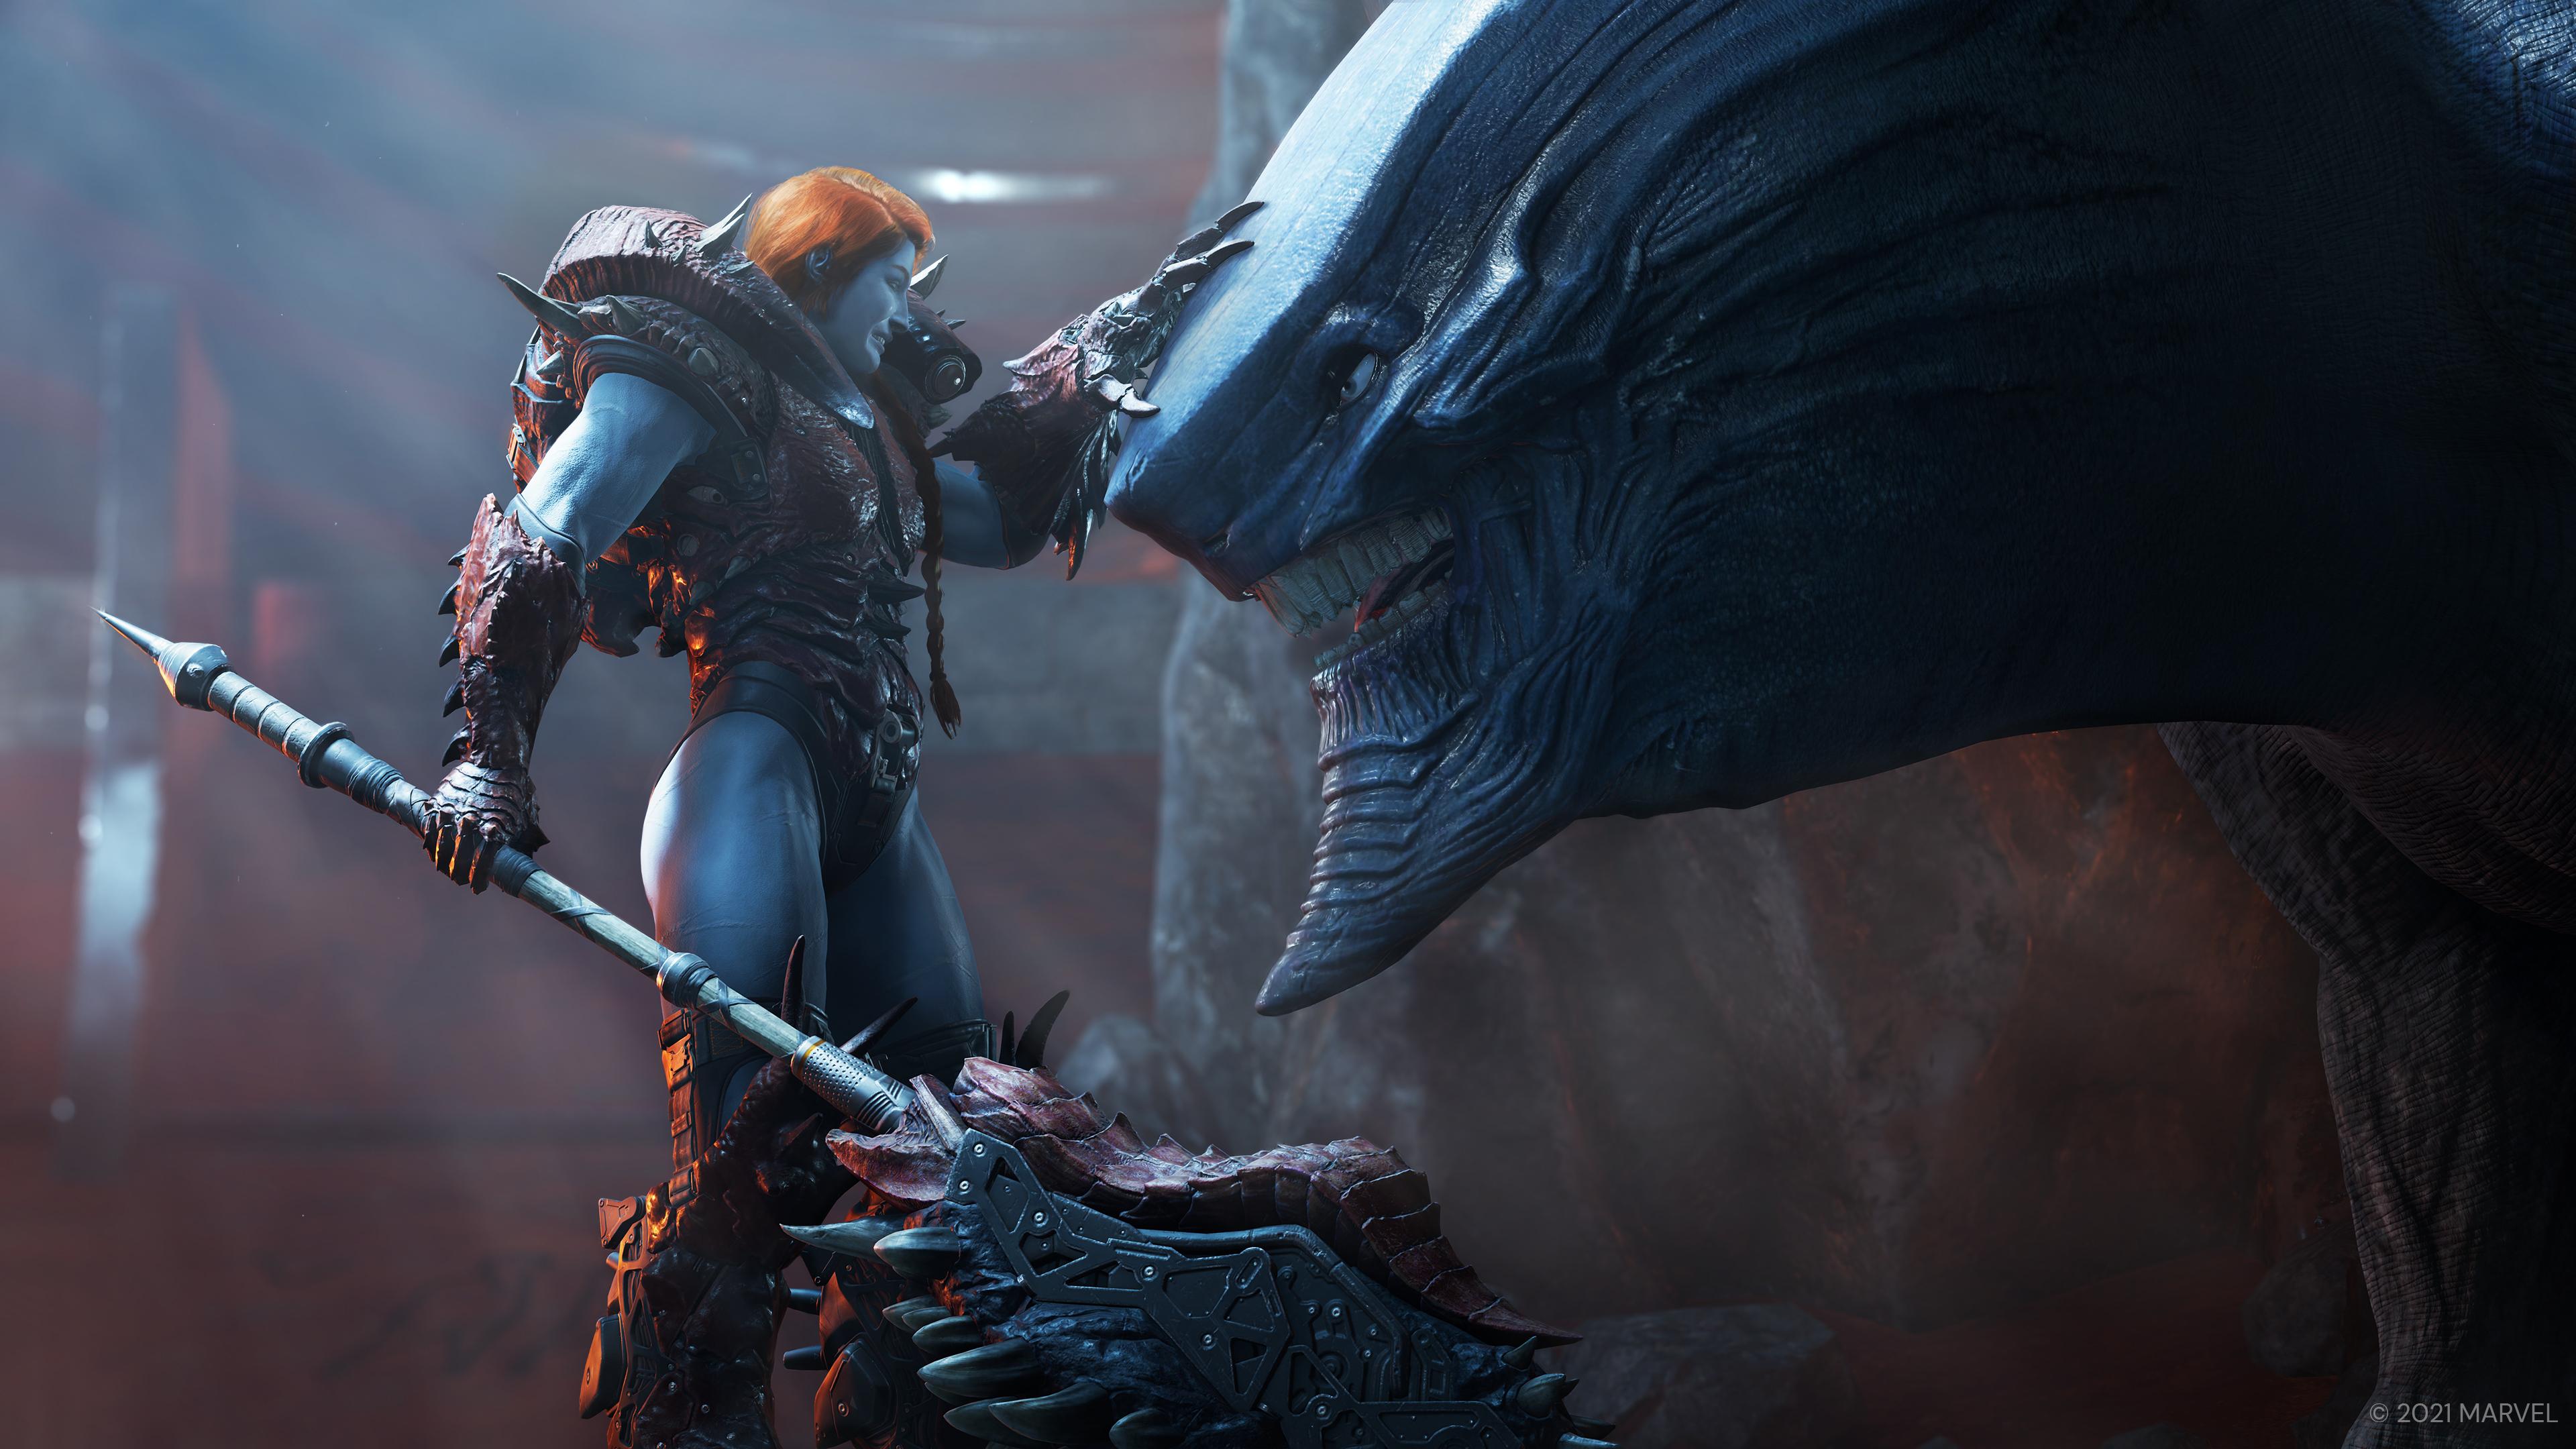 Скриншот №1 к «Стражи Галактики Marvel» цифровое издание Deluxe на PS4 и PS5